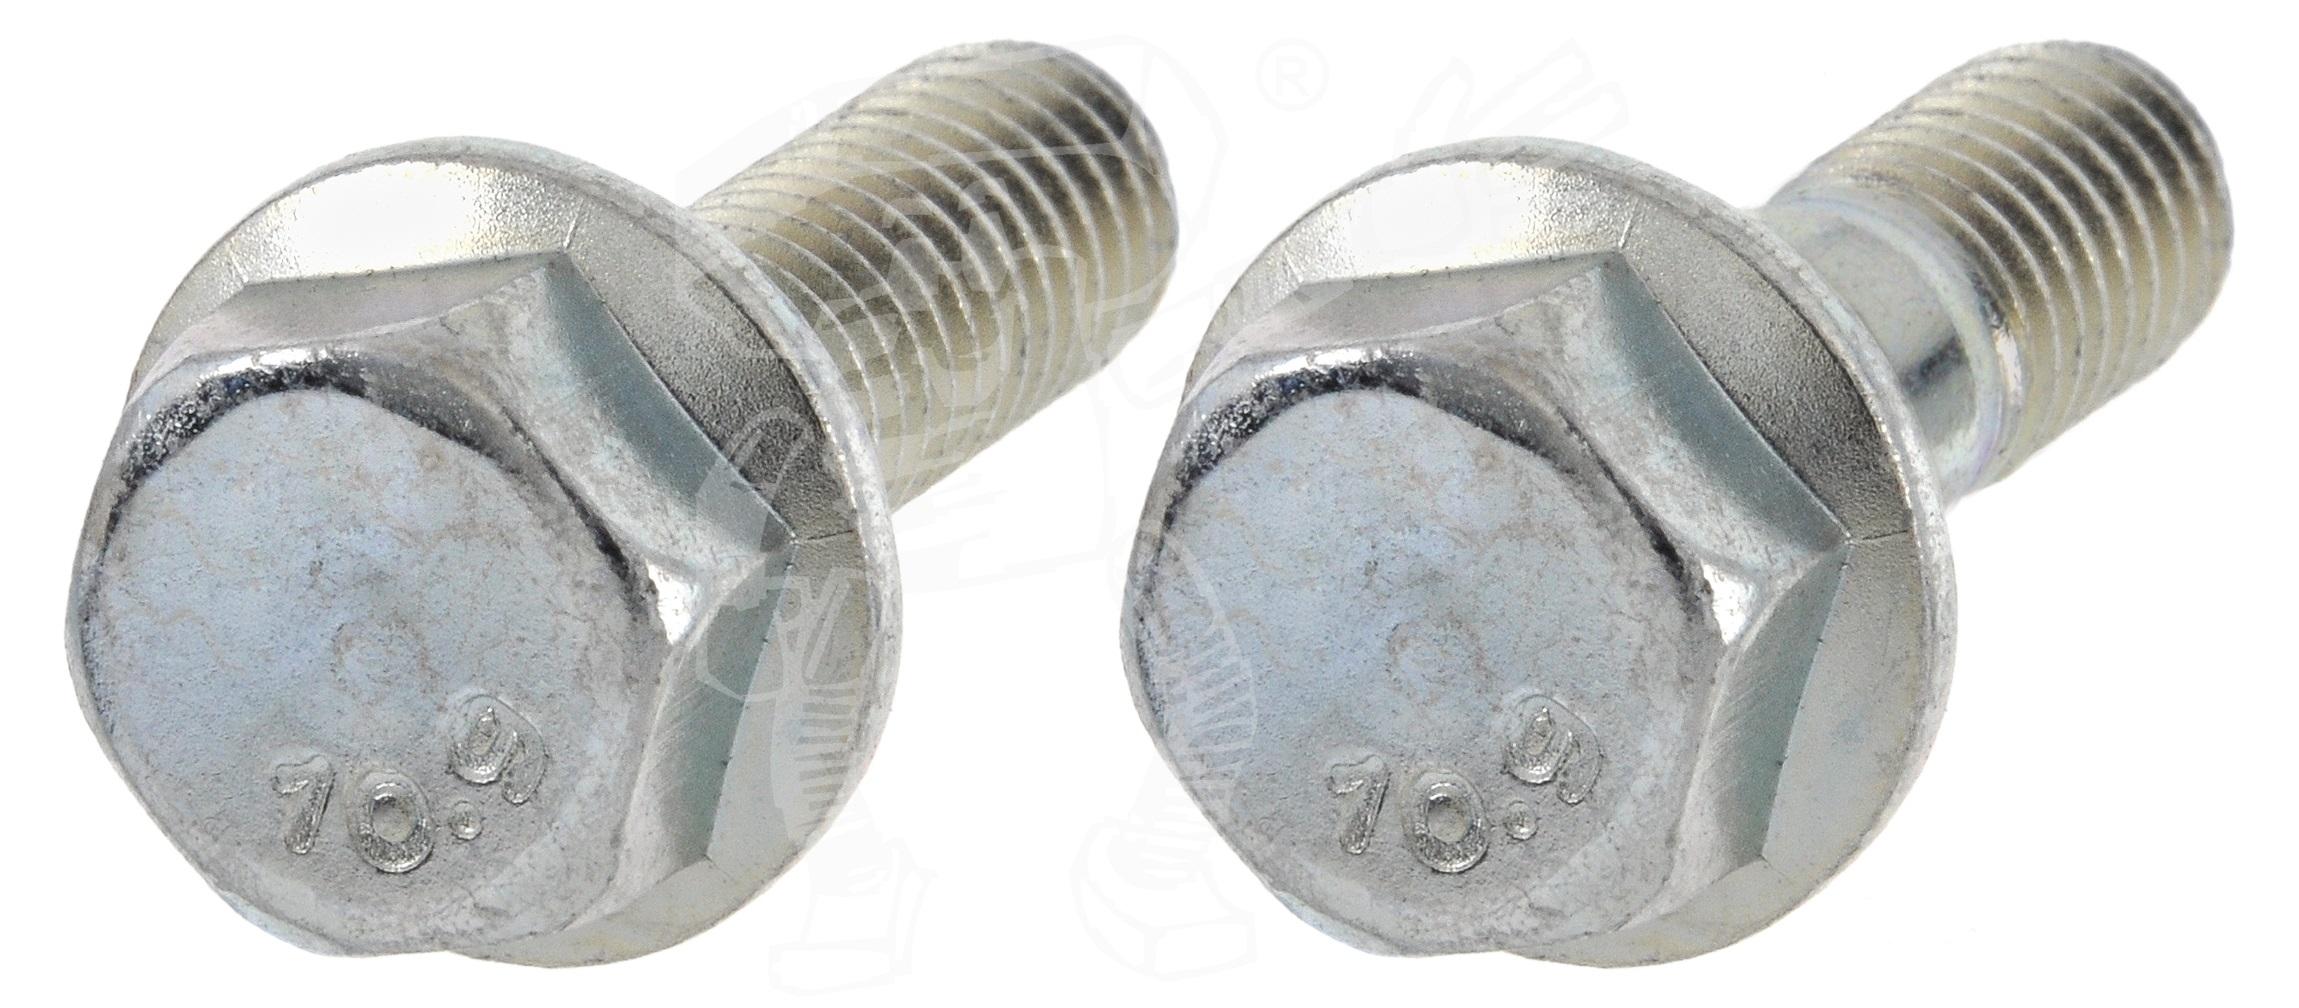 Sechskantschrauben mit Flansch Bund Edelstahl A2 DIN 6921 M6x25 x20